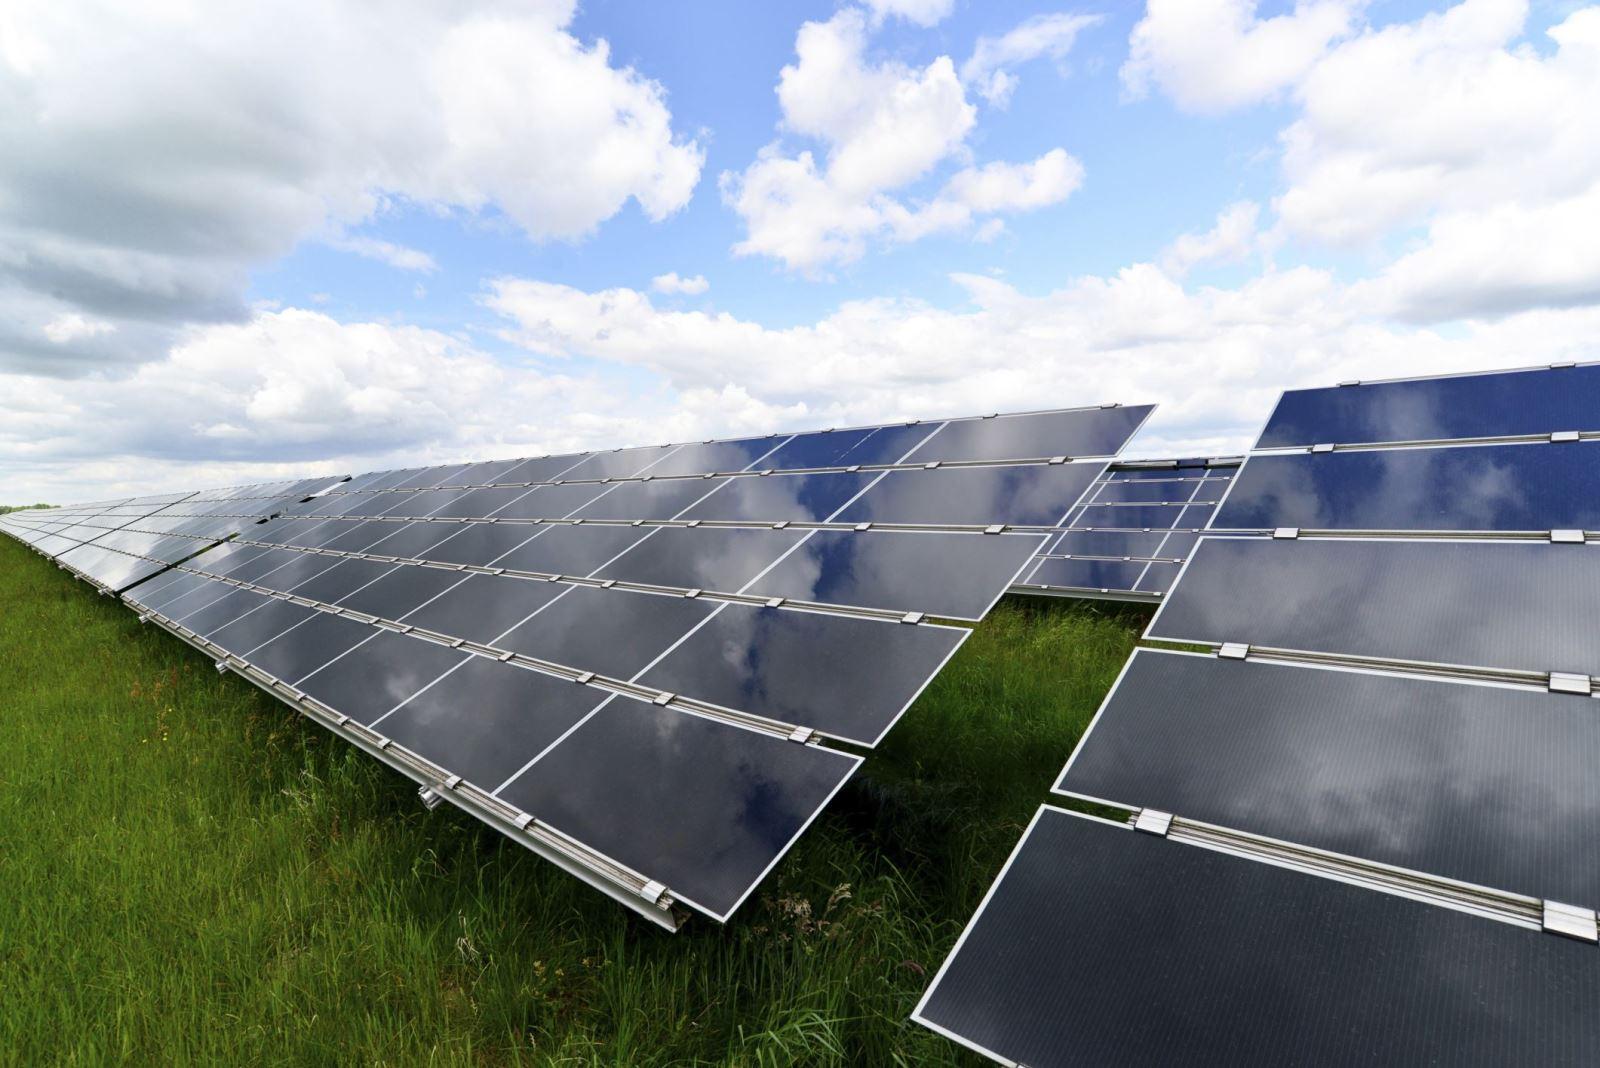 2020年我国集中式光伏发电指导价已逼近煤电价